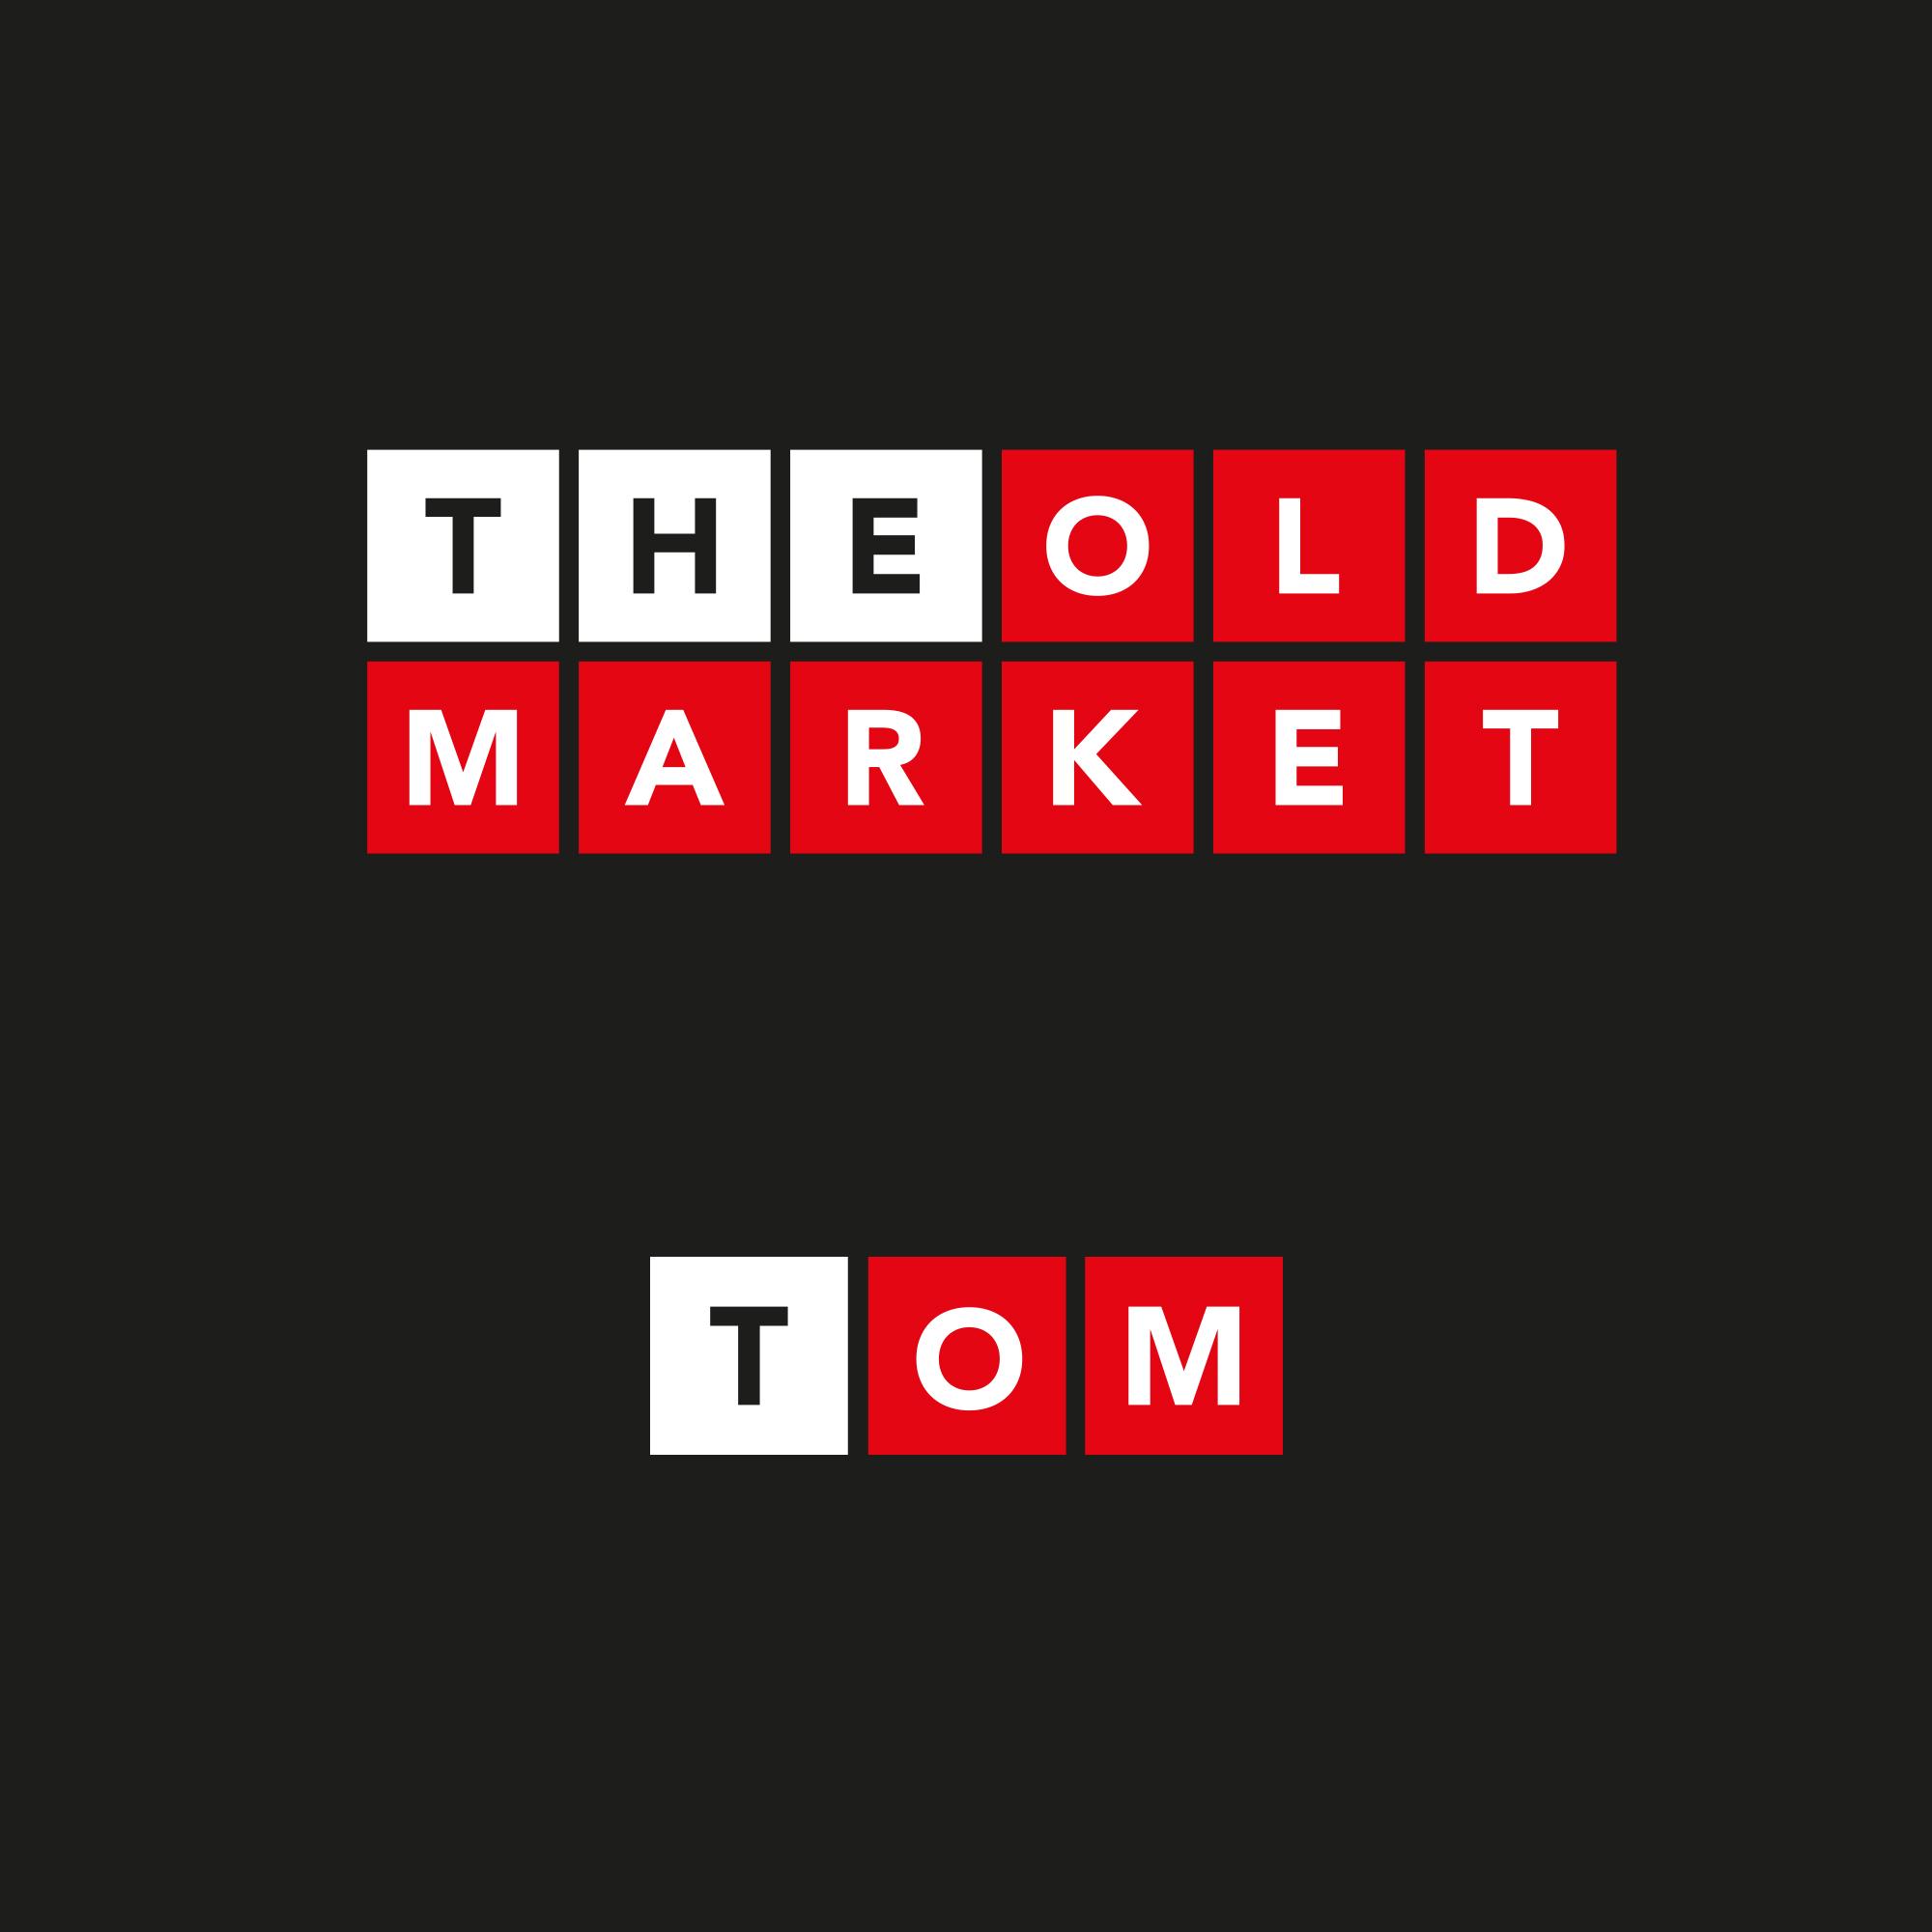 Logo design for The Old Market